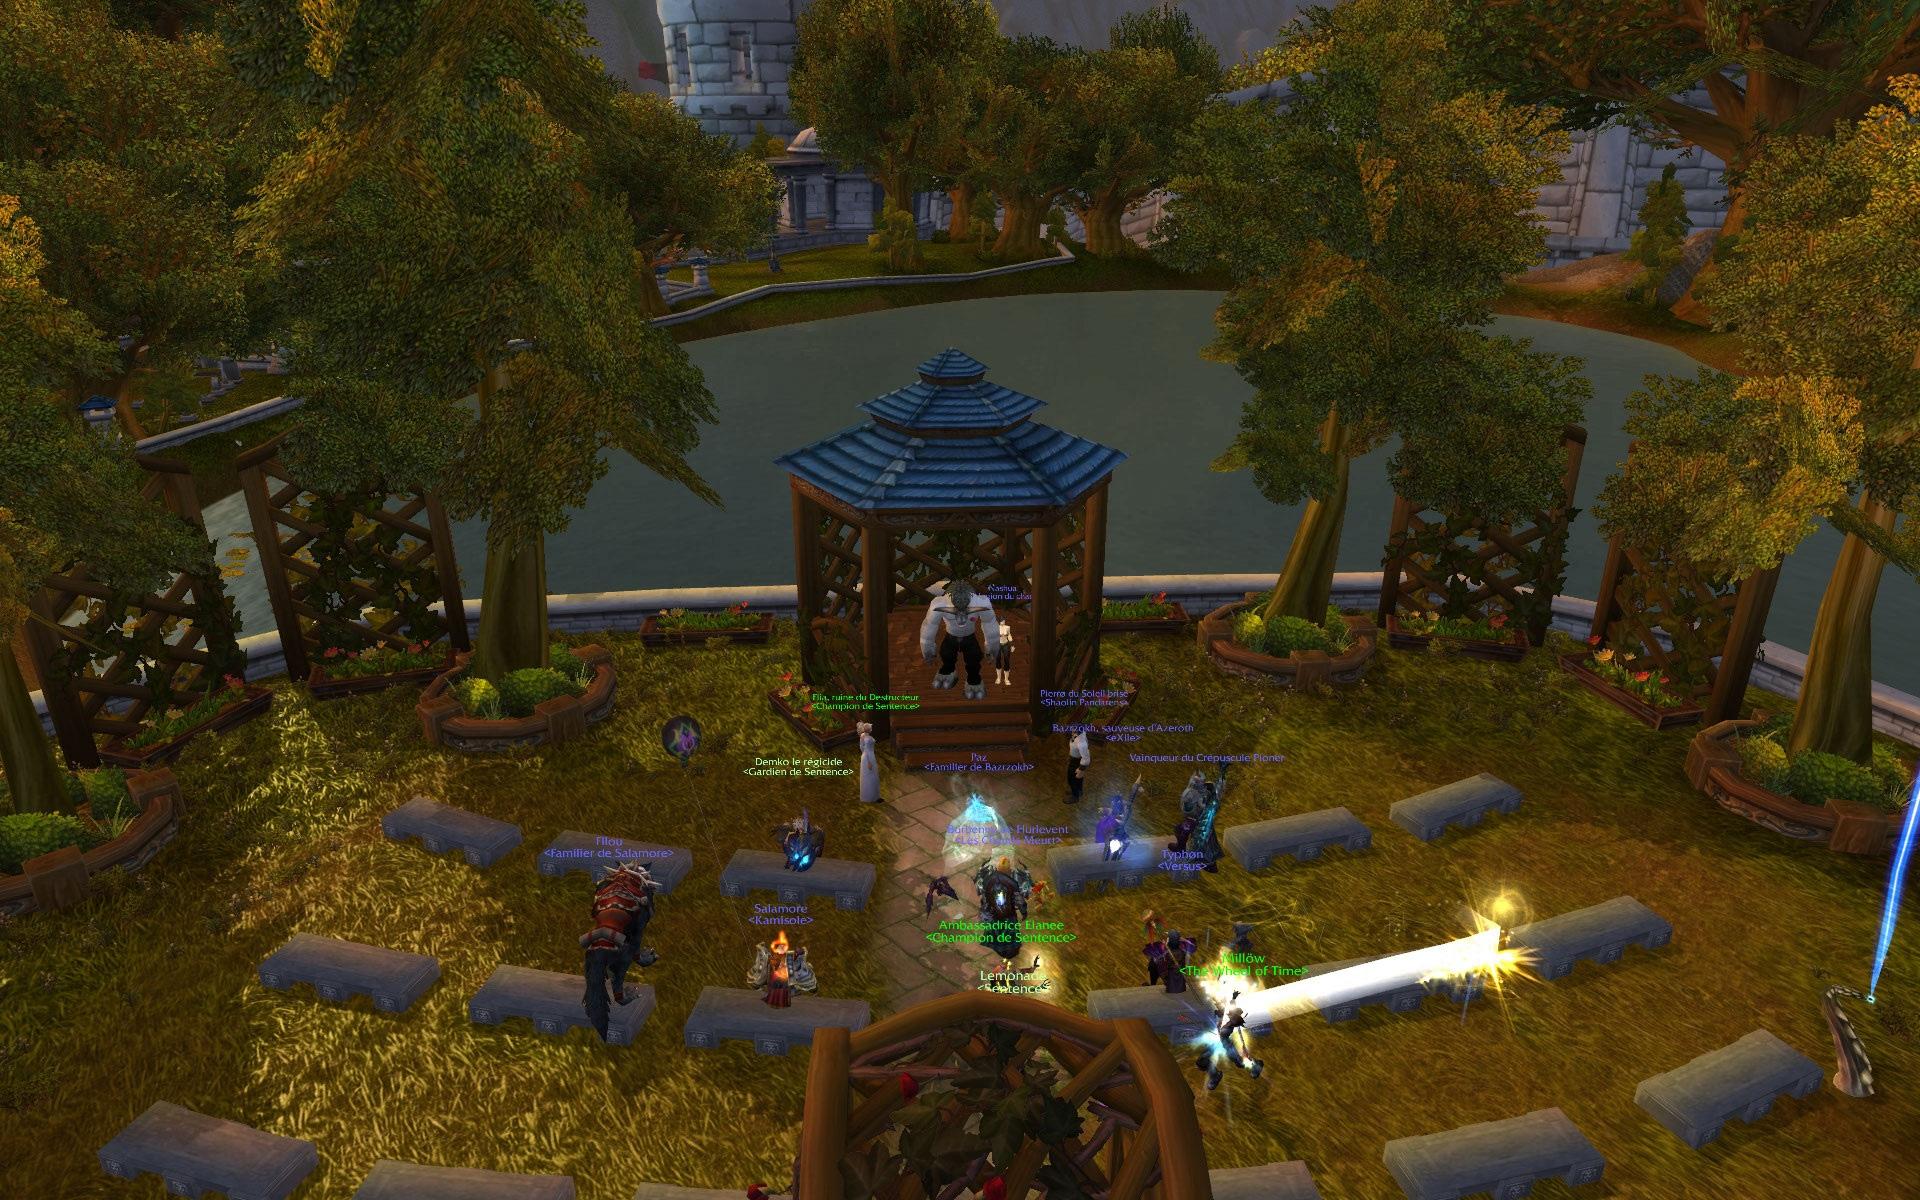 Screenshot réalisé par Cornedure lors du mariage de deux membres de la guilde Sentence sur Ner'zhul.